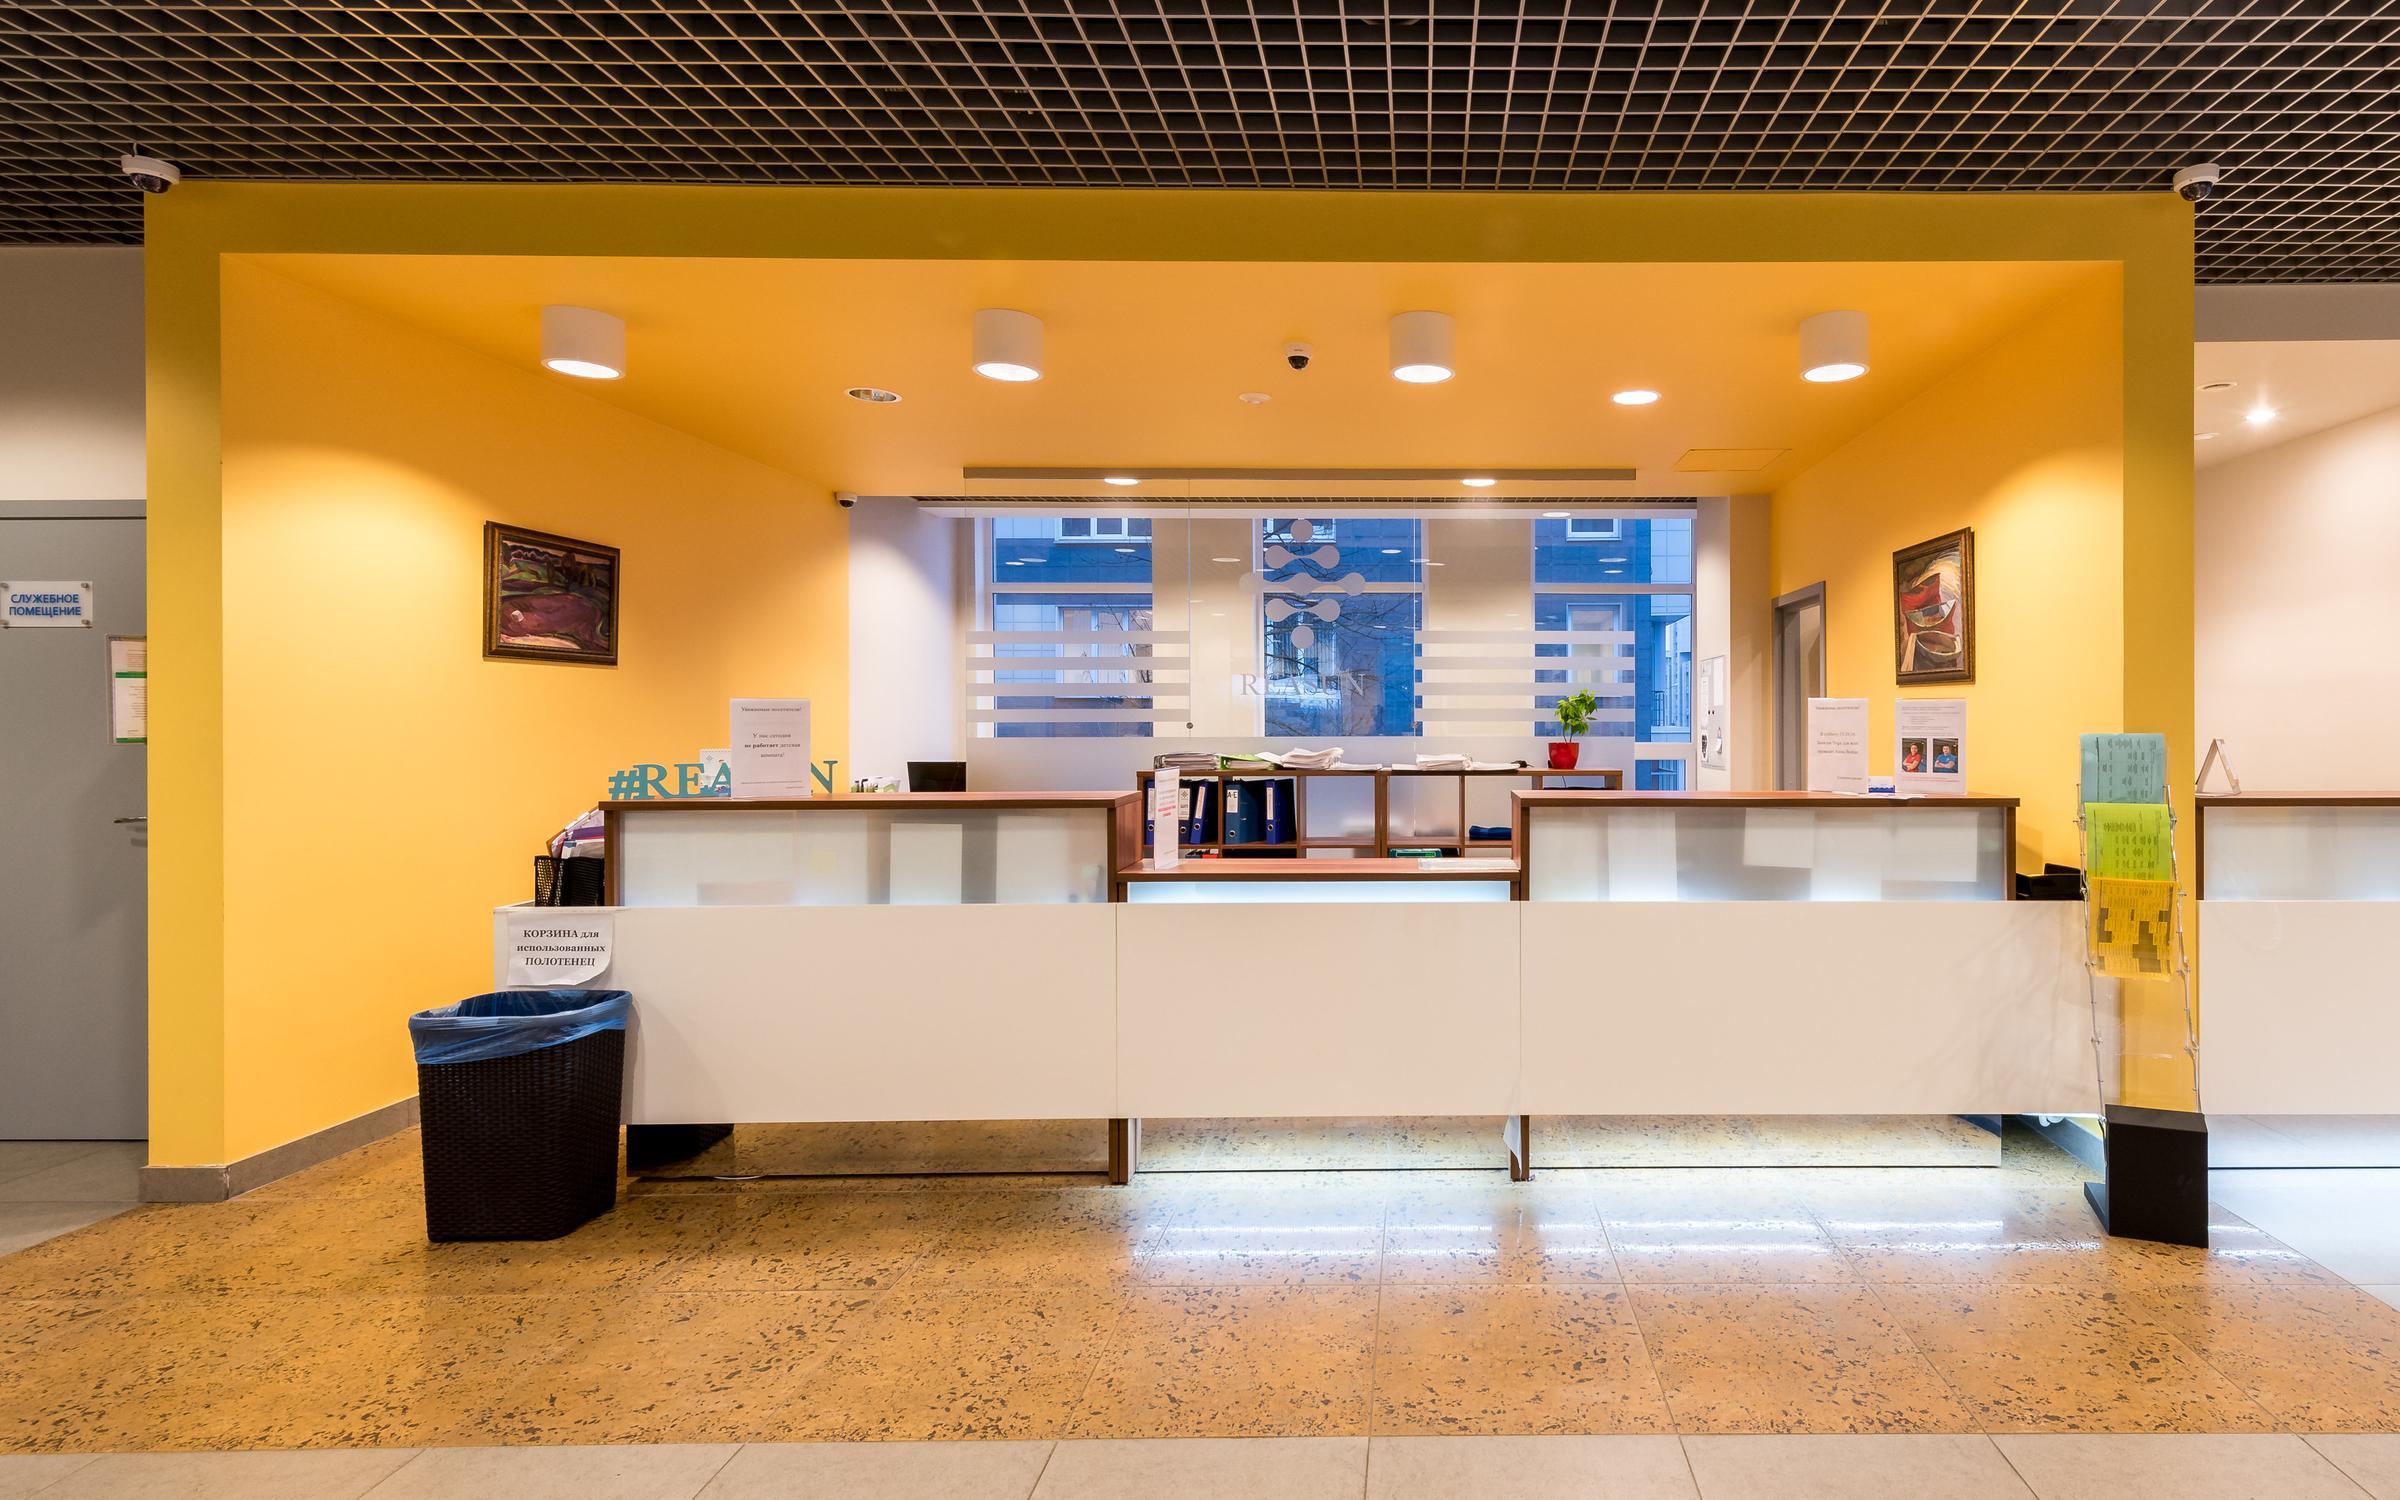 фотография Многопрофильного медицинского центра REASUNMED на Варшавской улице